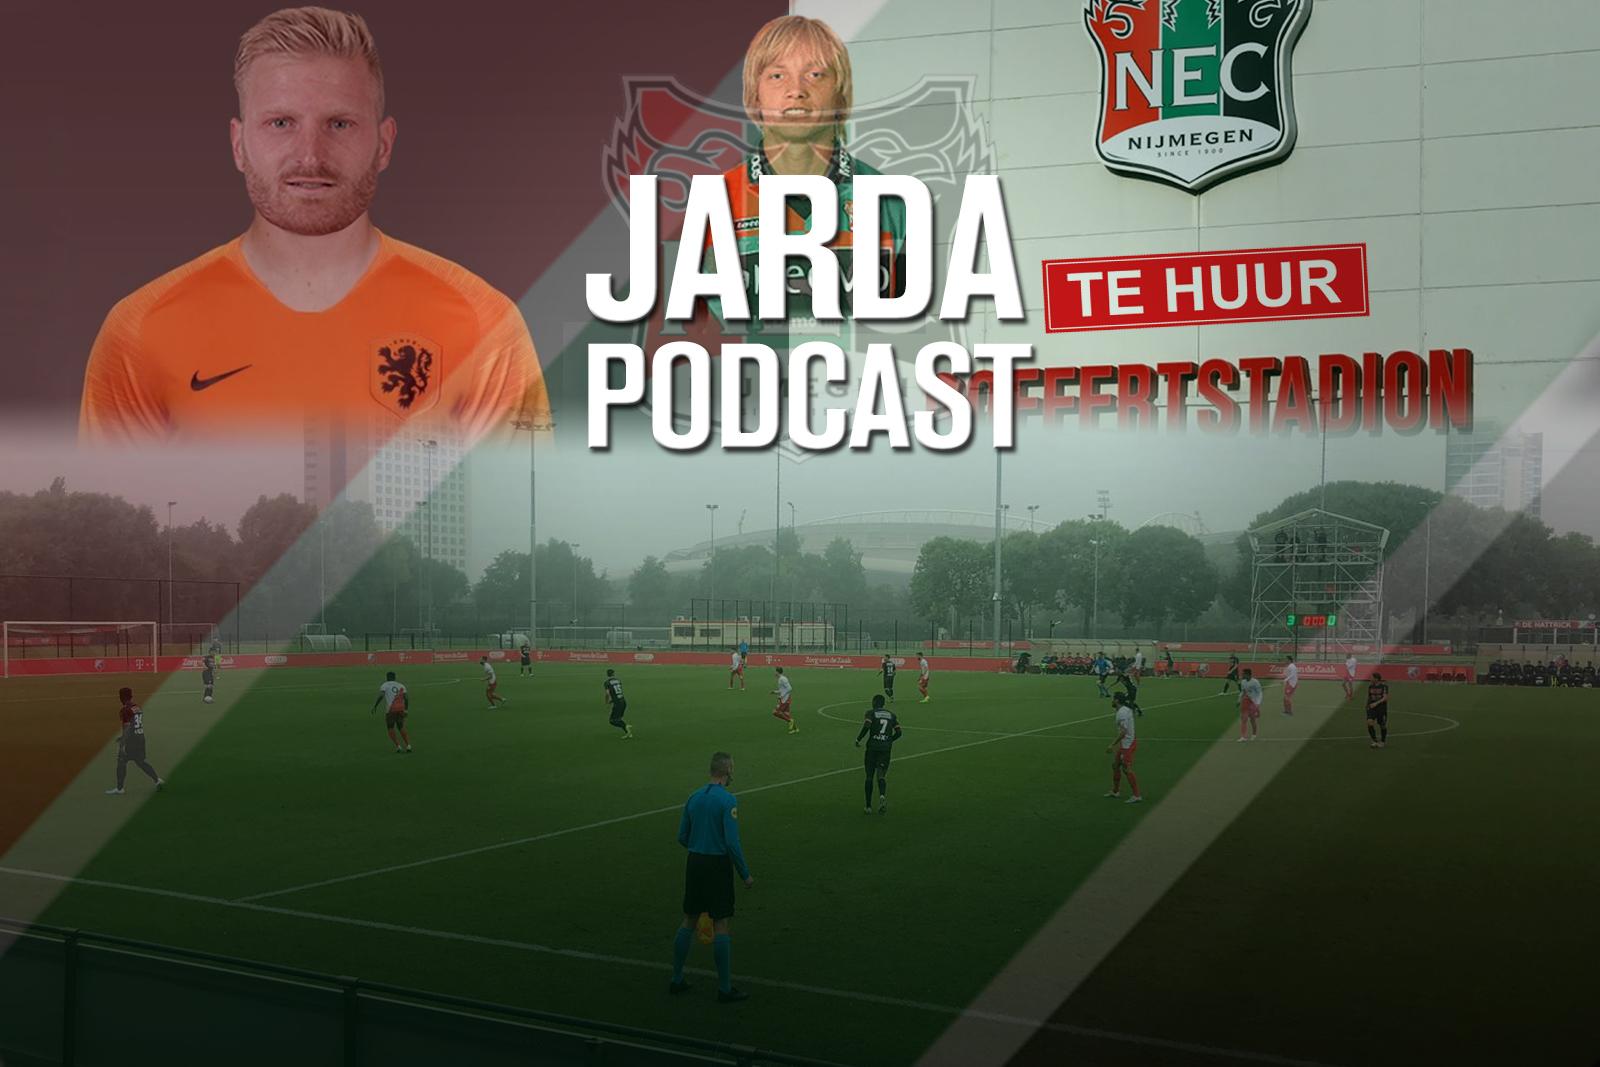 Jarda Podcast #20: NEC-loos weekend en in discussie met Mike Snoei